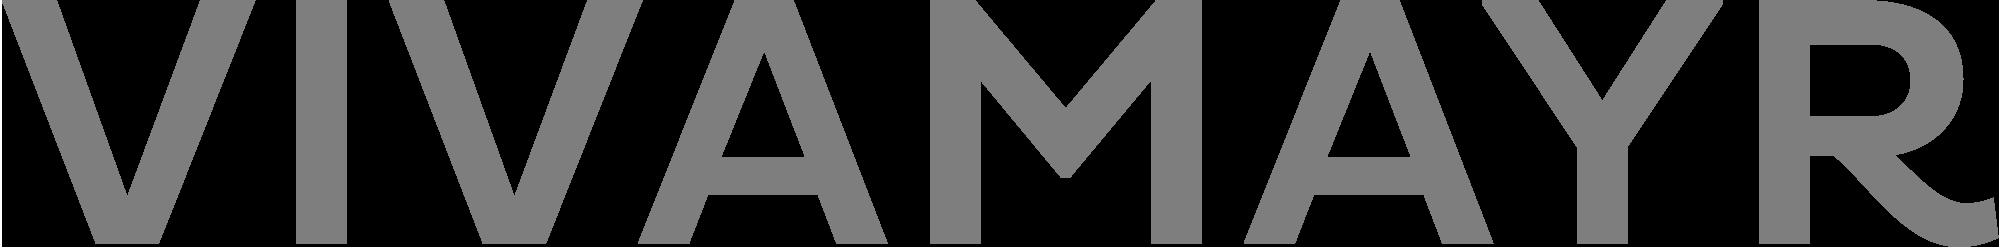 Das Logo des Unternehmens VIVAMAYR.